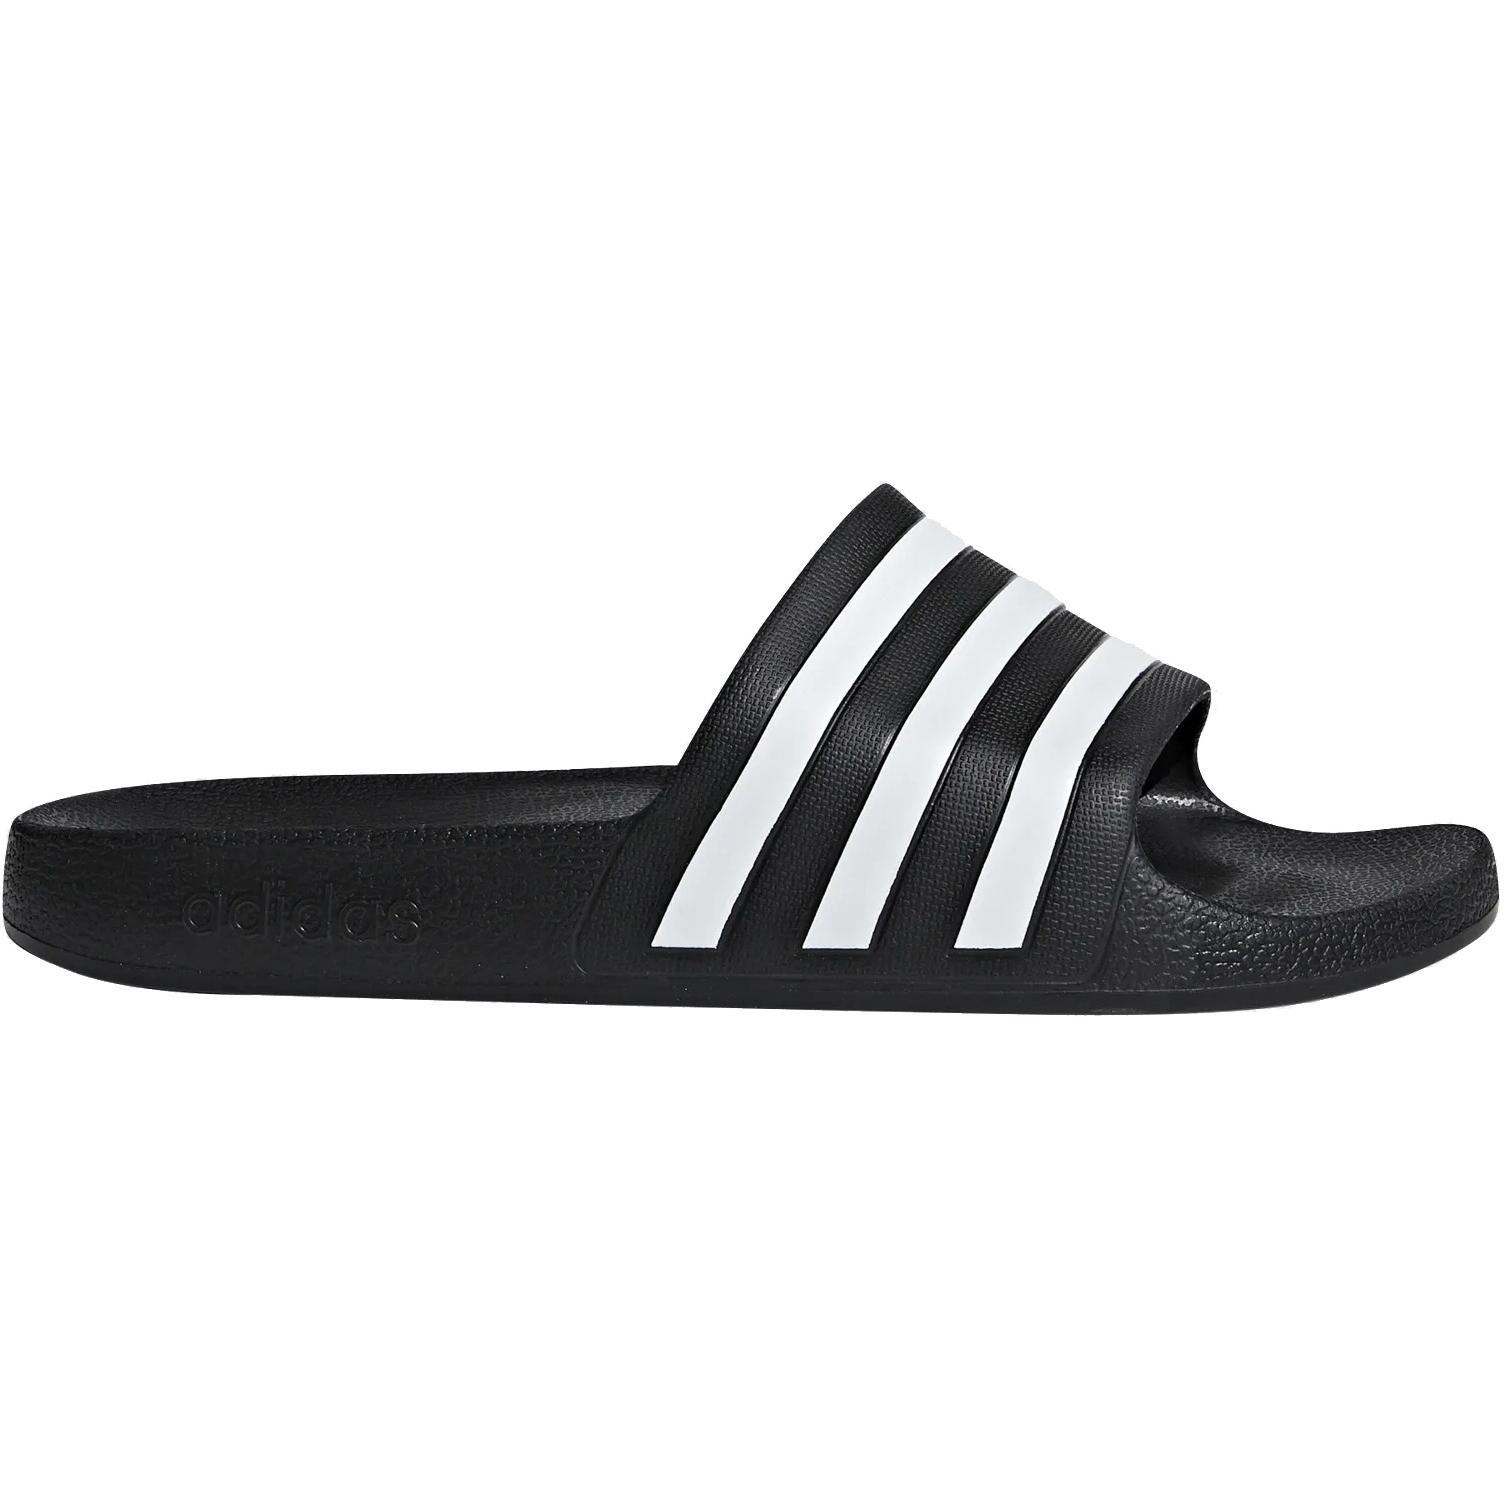 Foto de adidas Adilette Aqua Slides Bathing Shoes - core black/cloud white/core black F35543